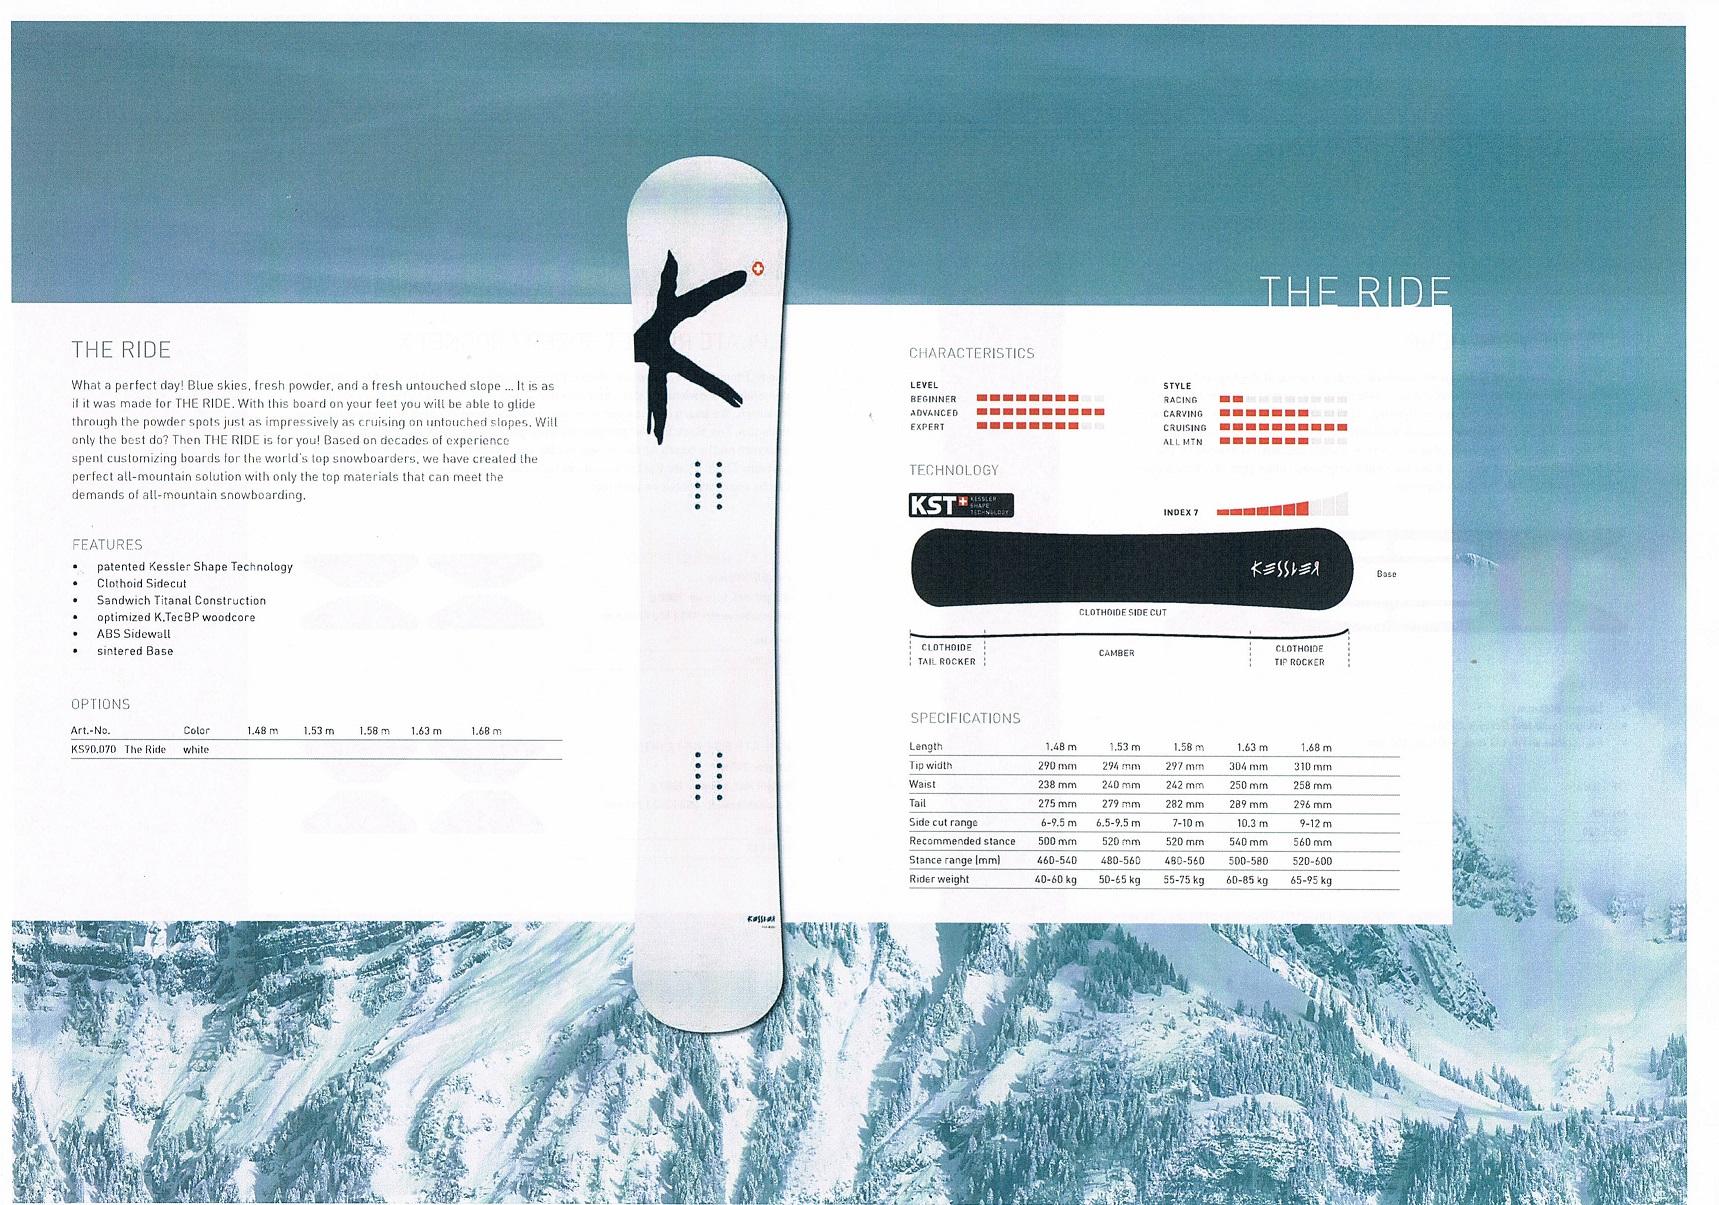 海底少年カービングクルー スノーボード インプレ ニューモデル 情報 フリースタイル アルペンスノーボード